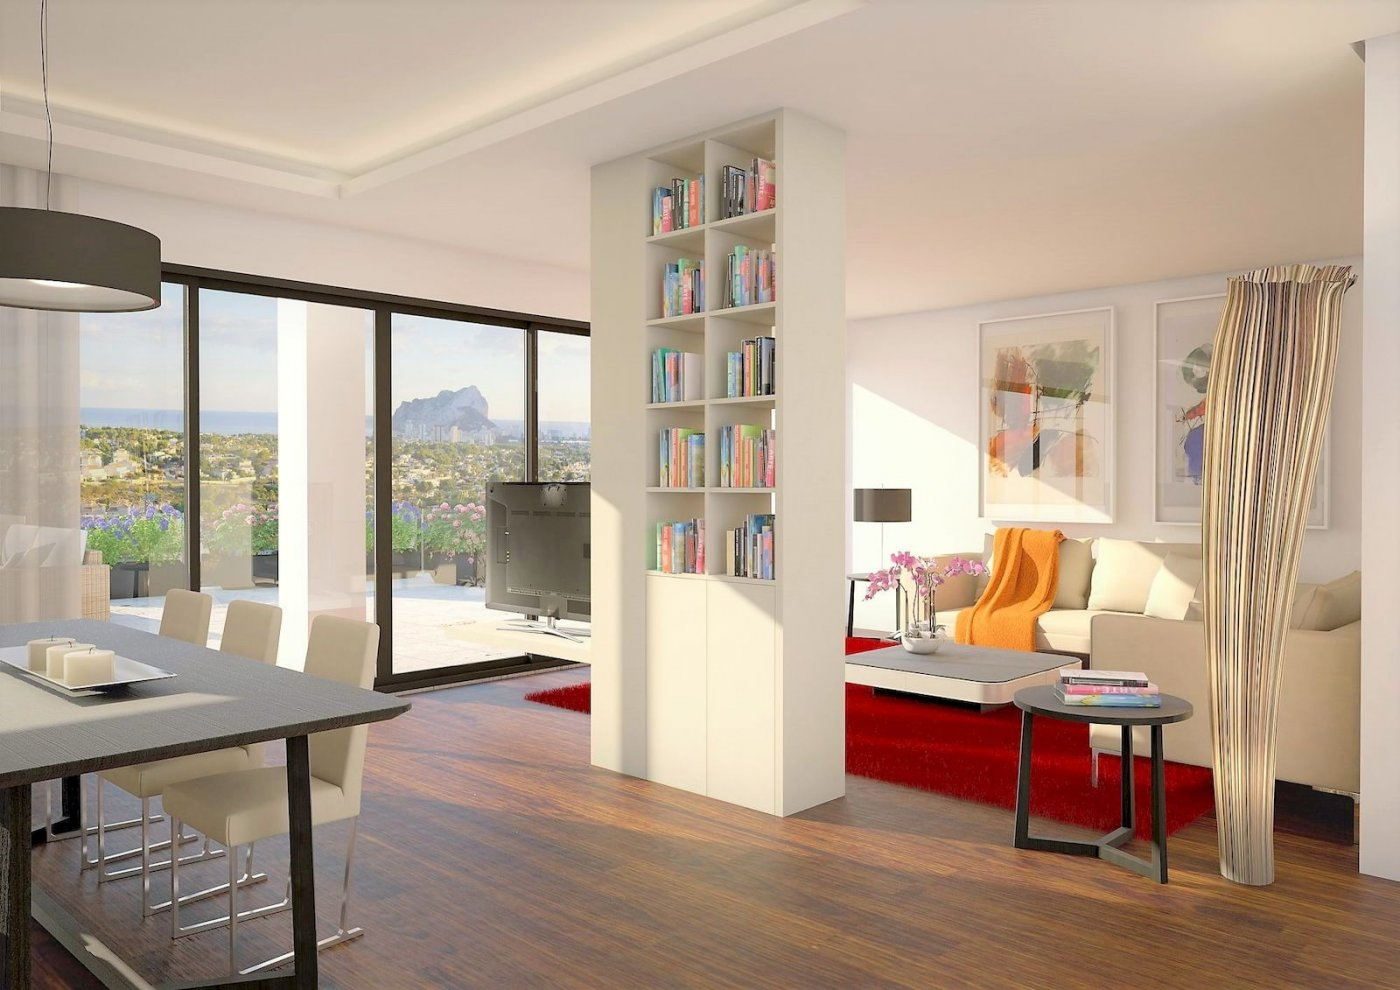 Villa de lujo estilo moderno a la venta en Calpe - Costa Blanca